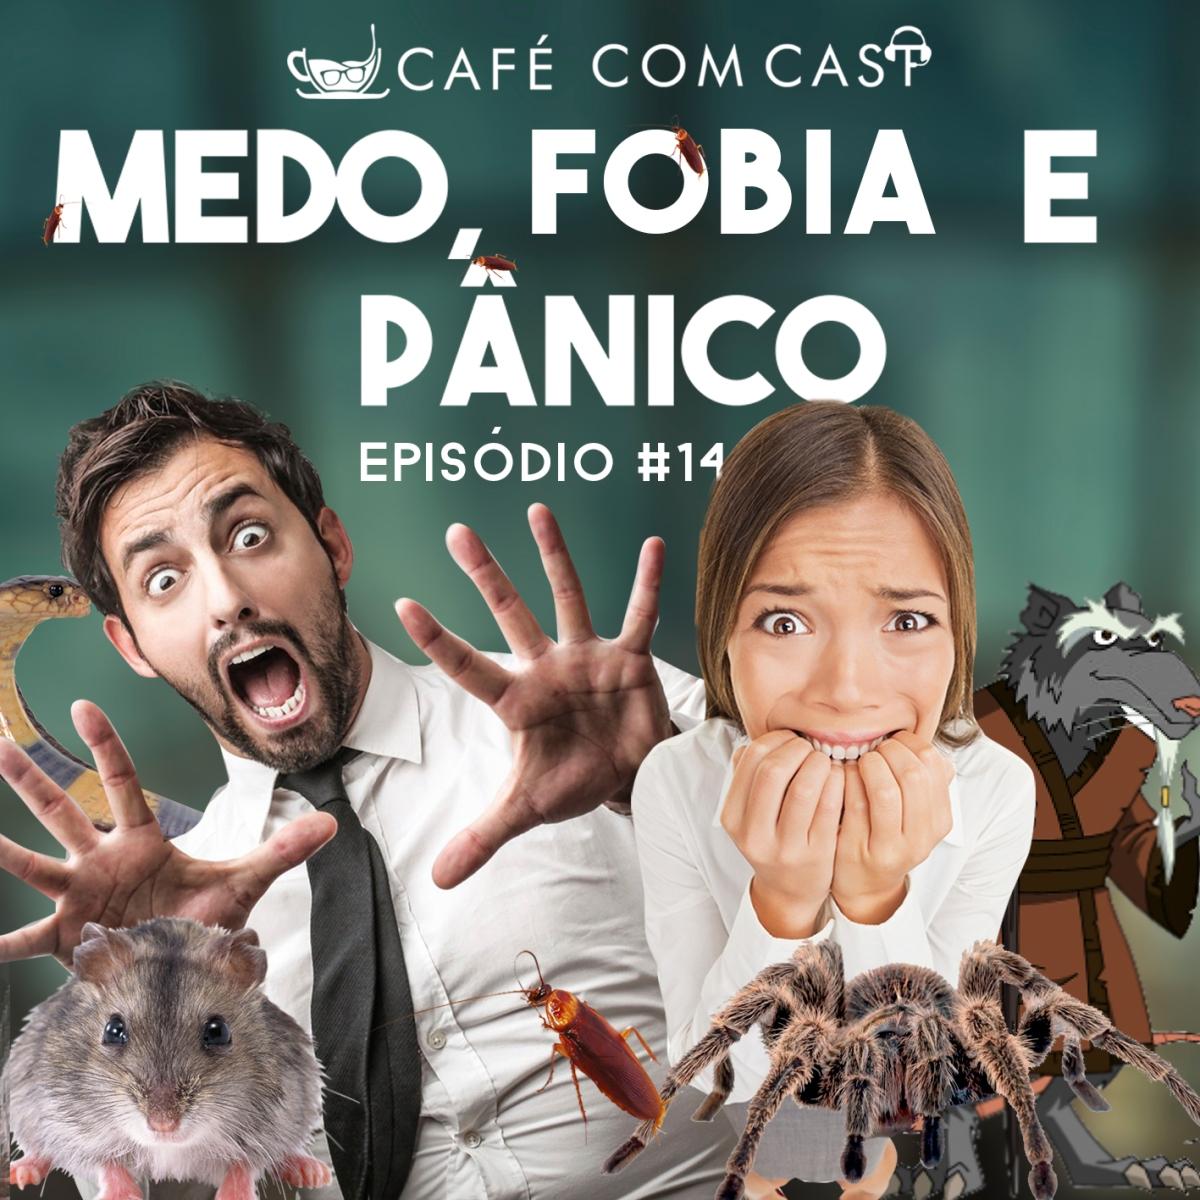 Café Com Cast 014 Medo, Fobia ePânico